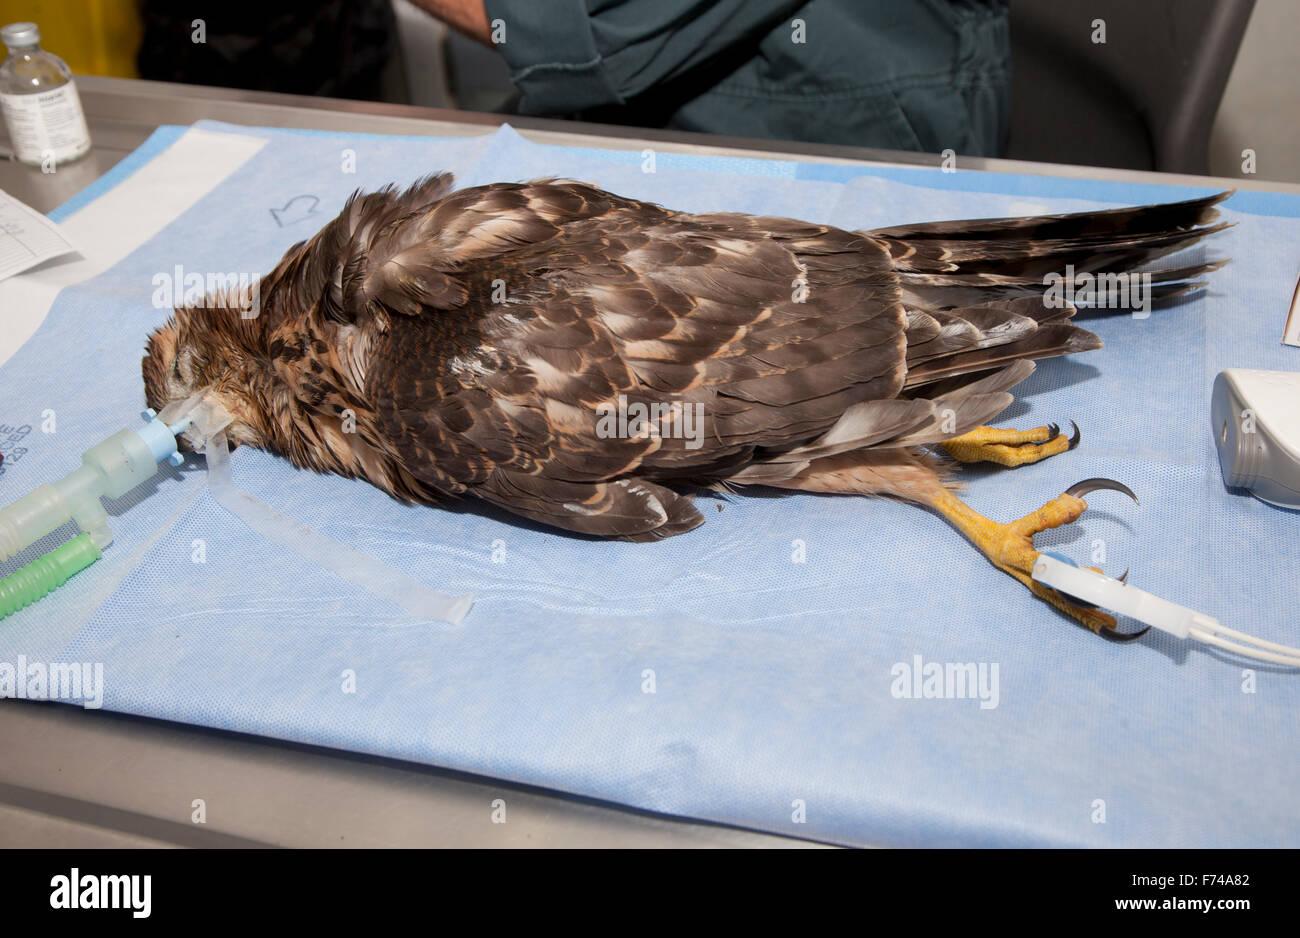 Goshawk Accipiter gentilis under anaesthetic - Stock Image